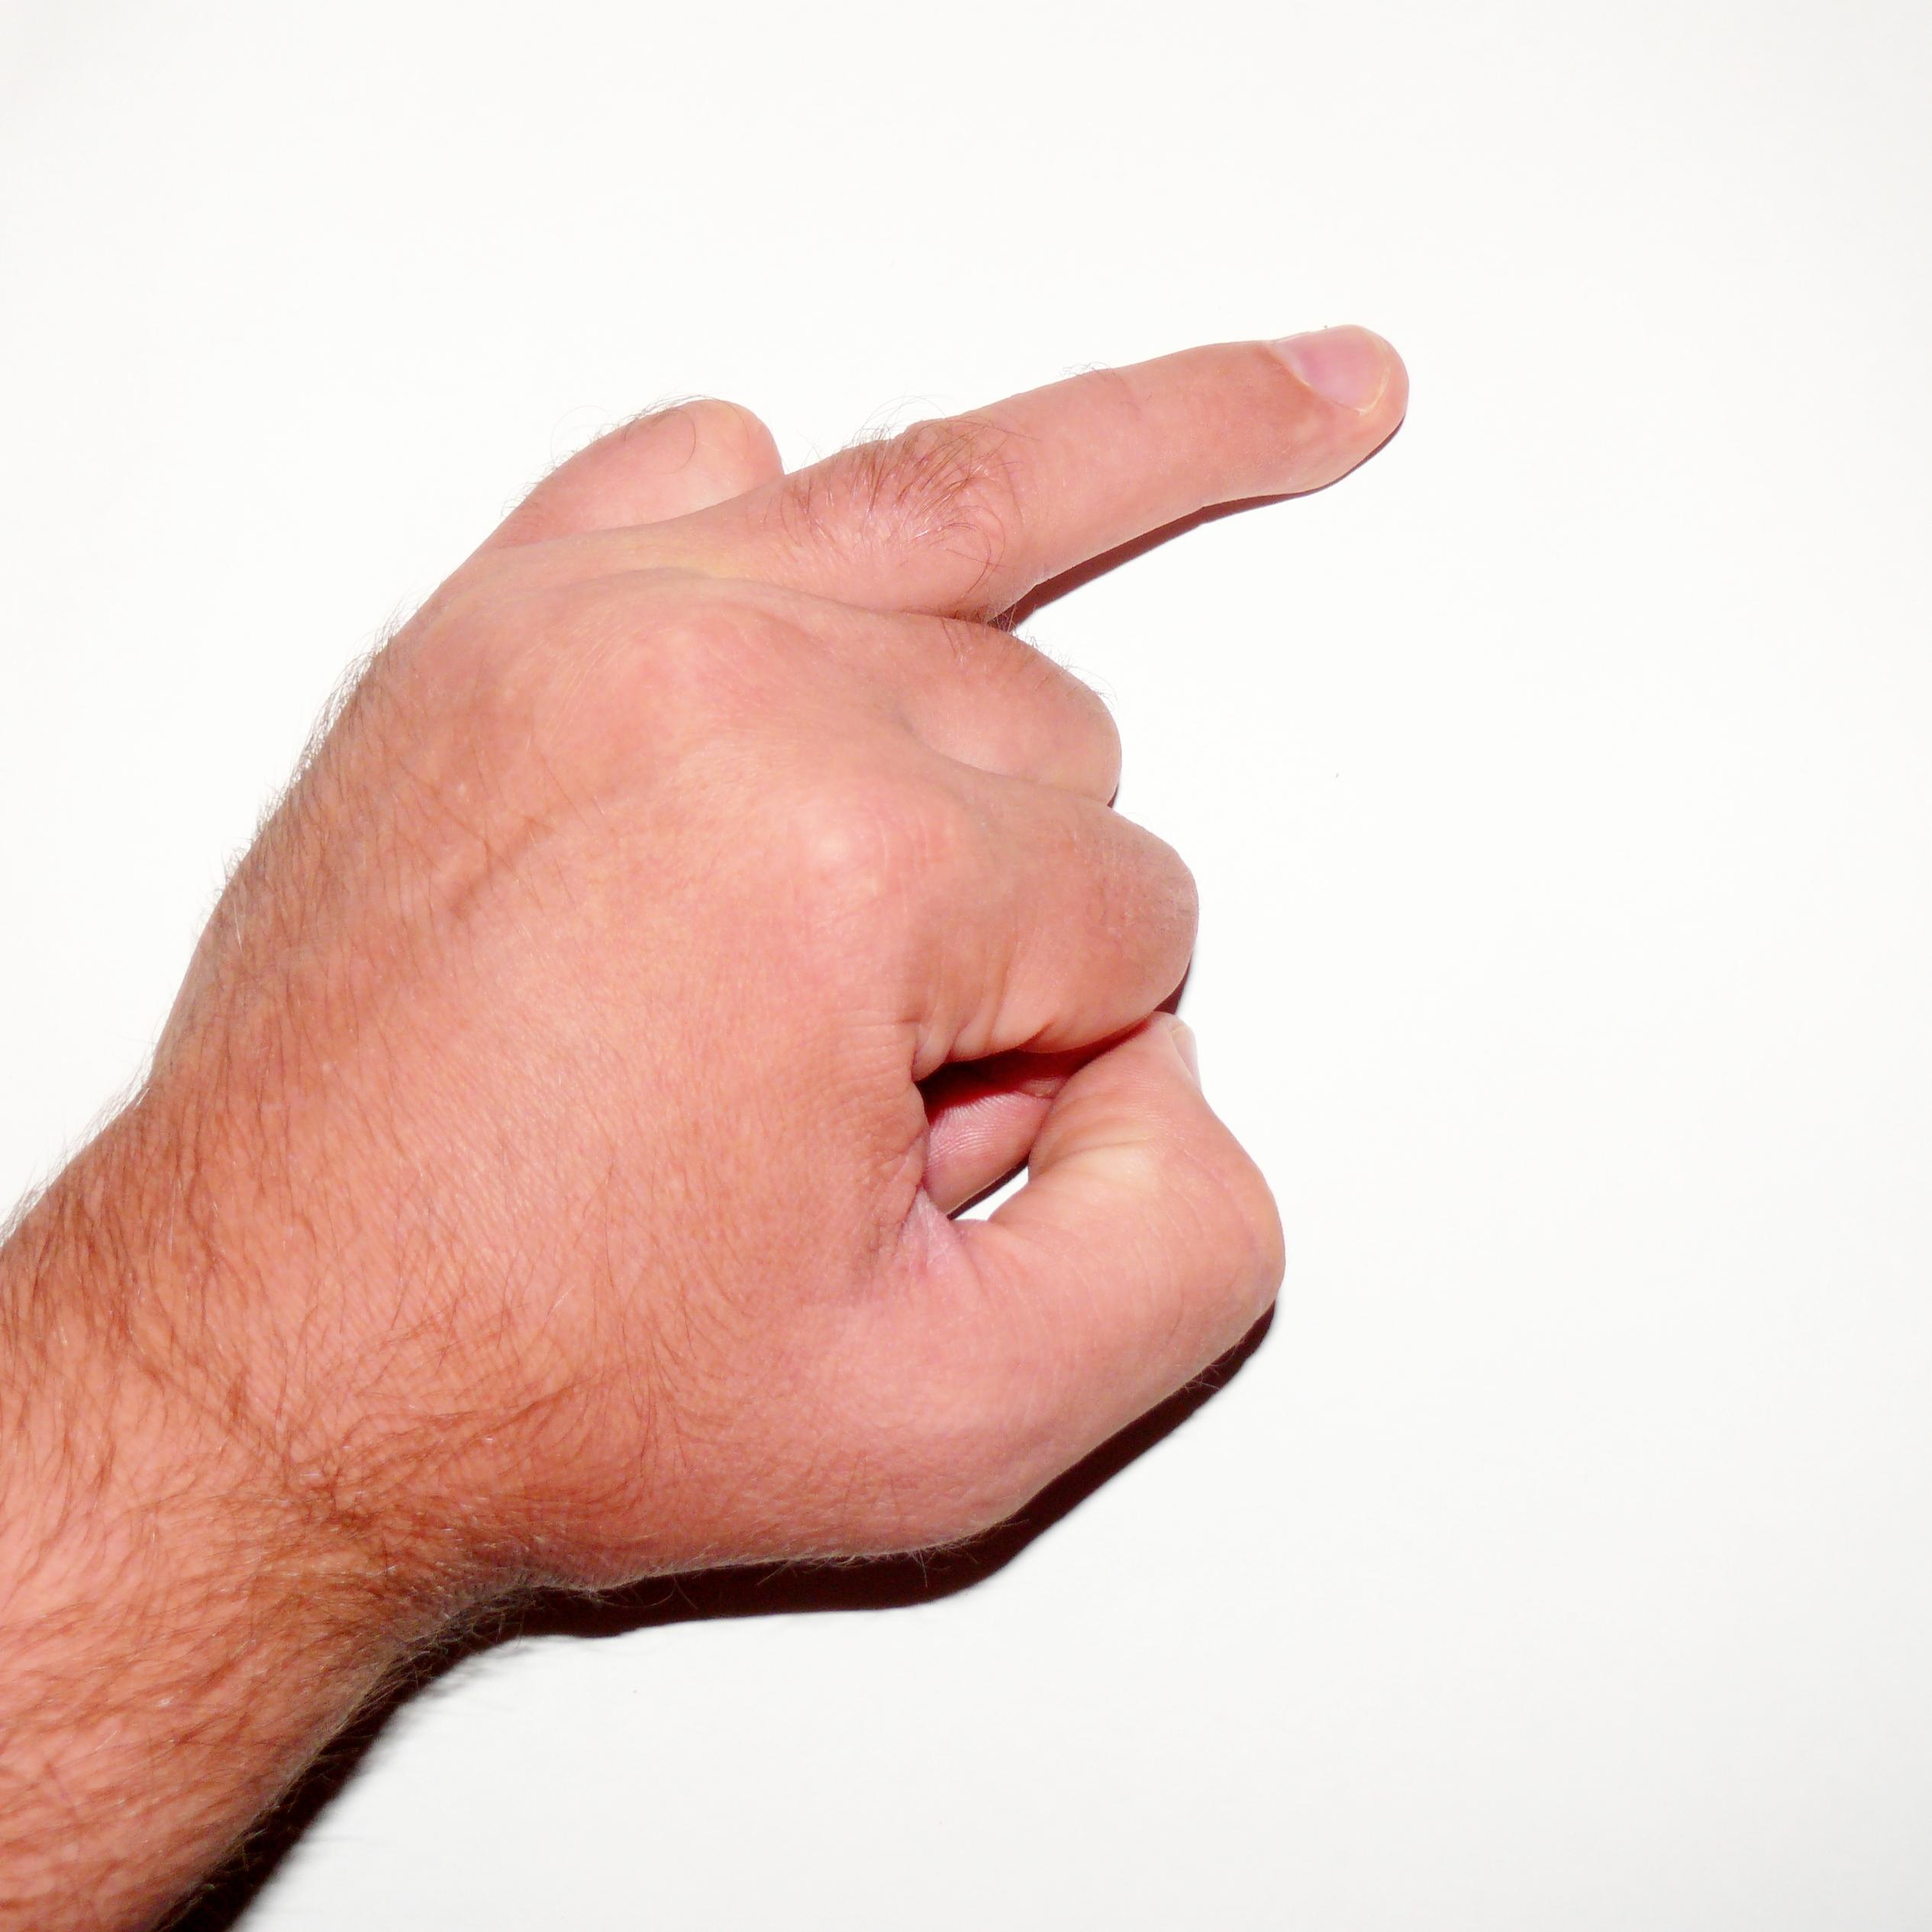 Картинки с безымянный пальцем